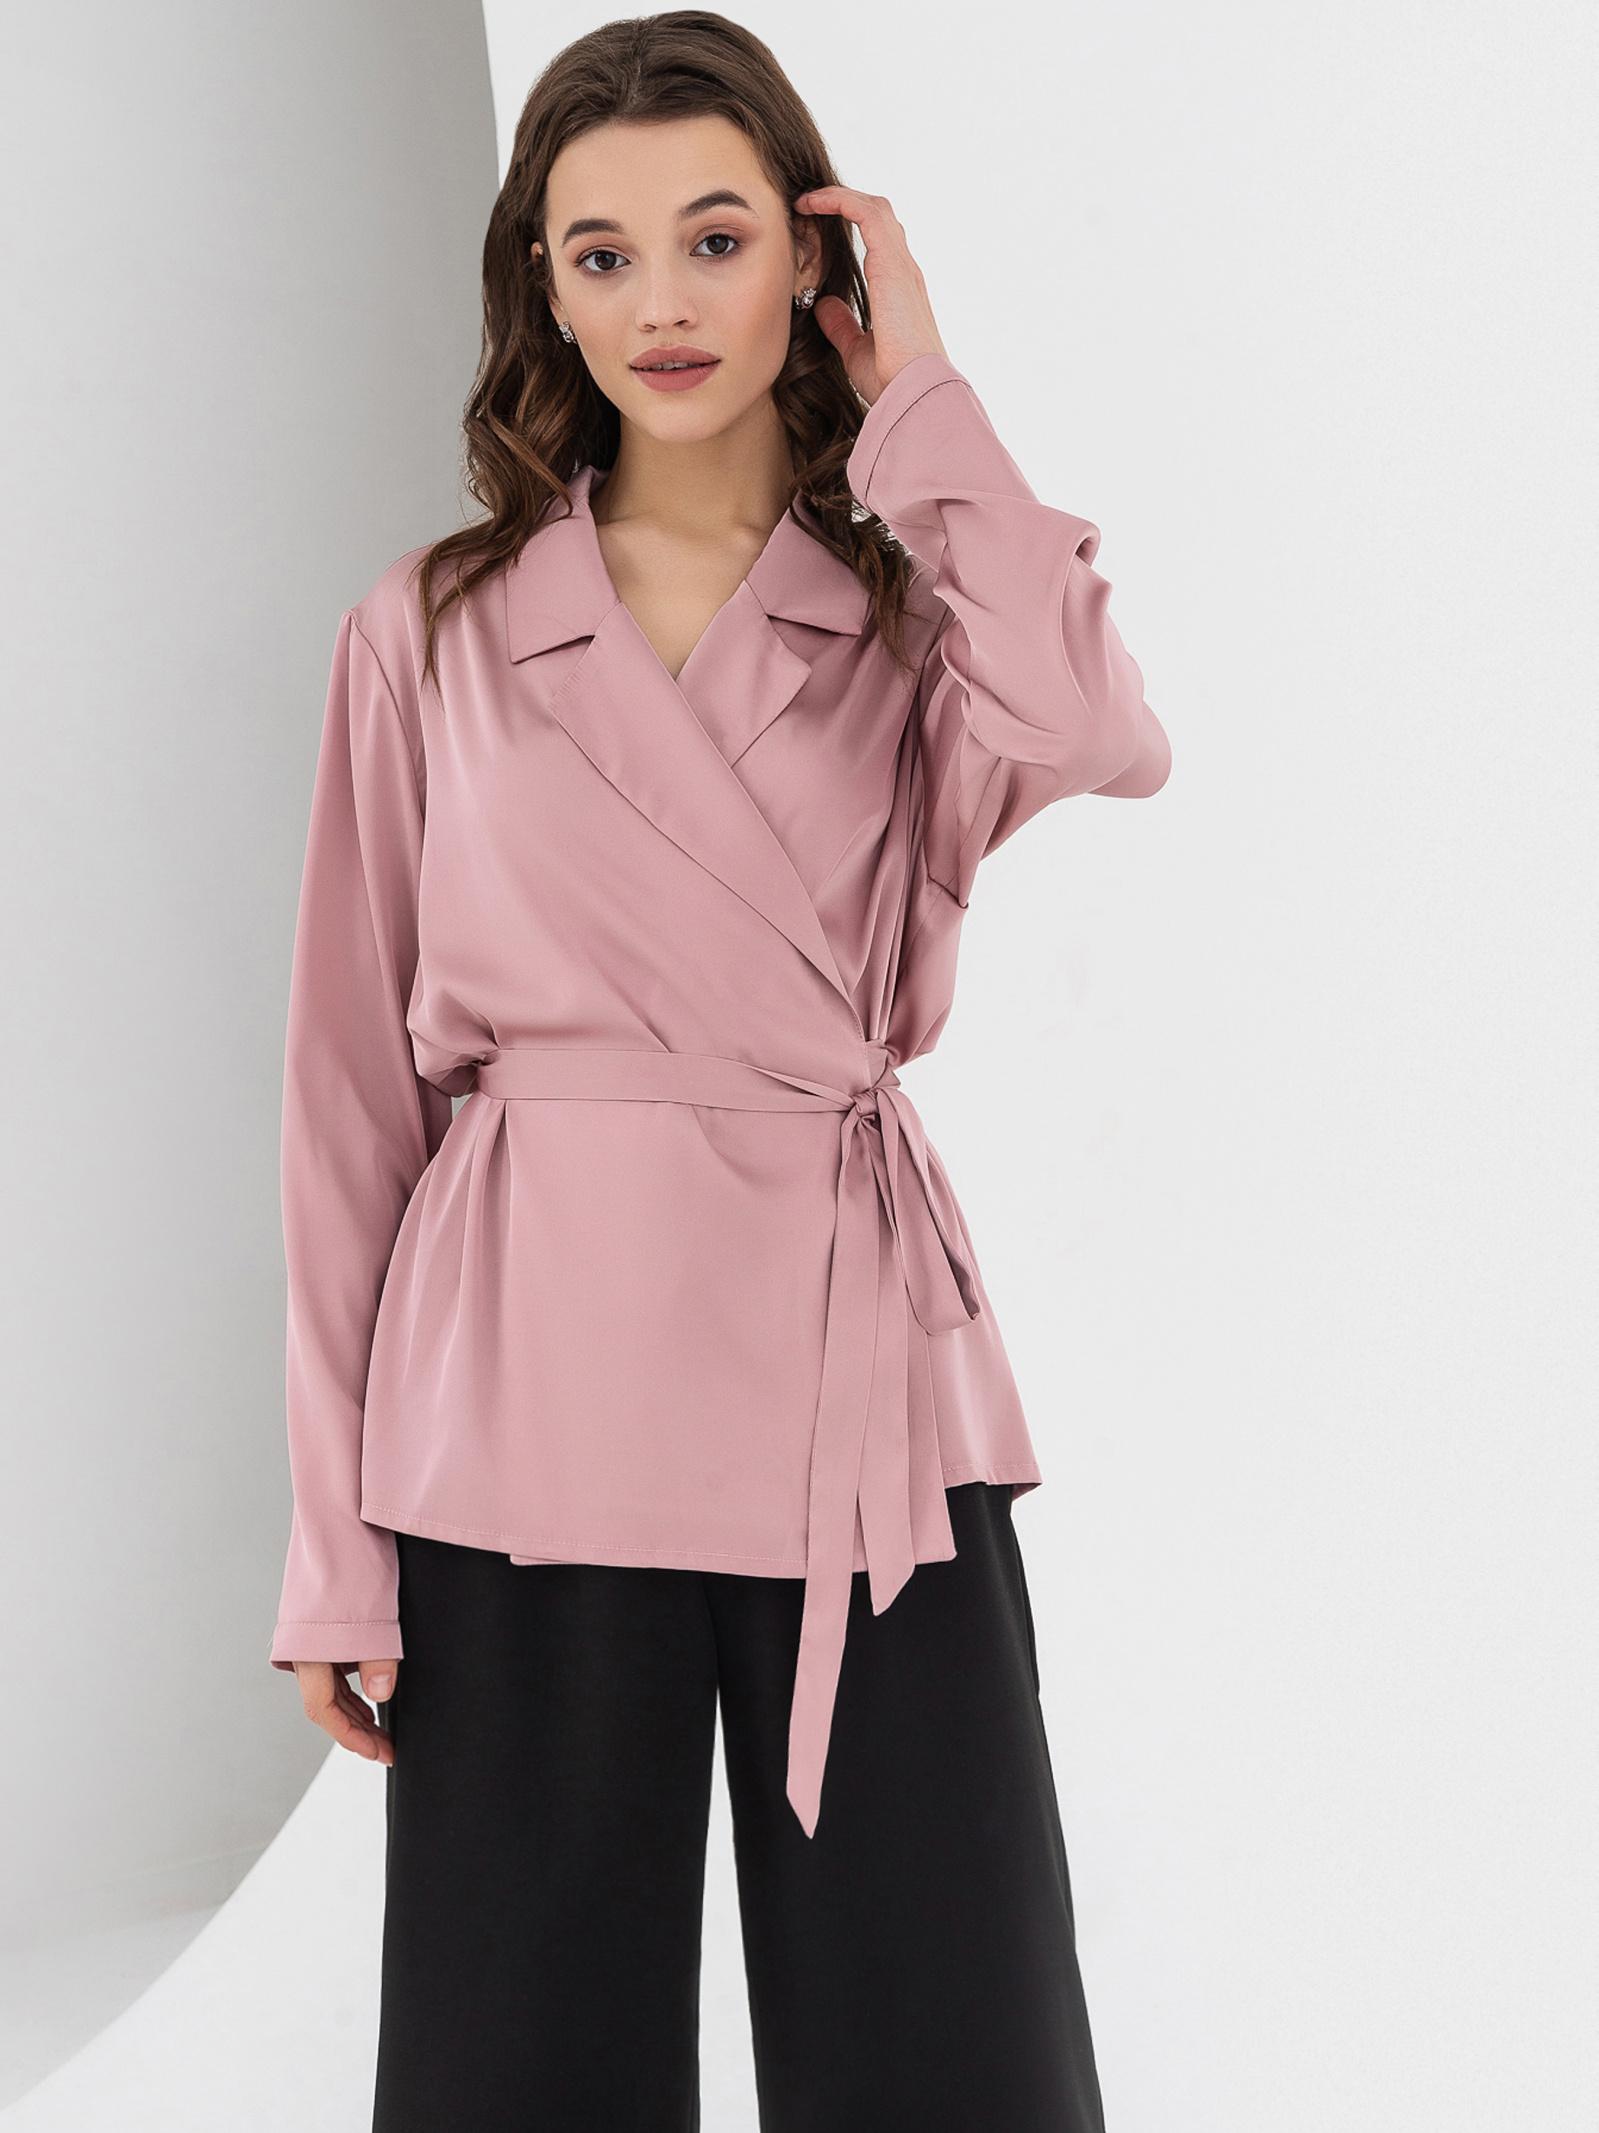 VOVK Блуза жіночі модель 07241 фрезовий купити, 2017